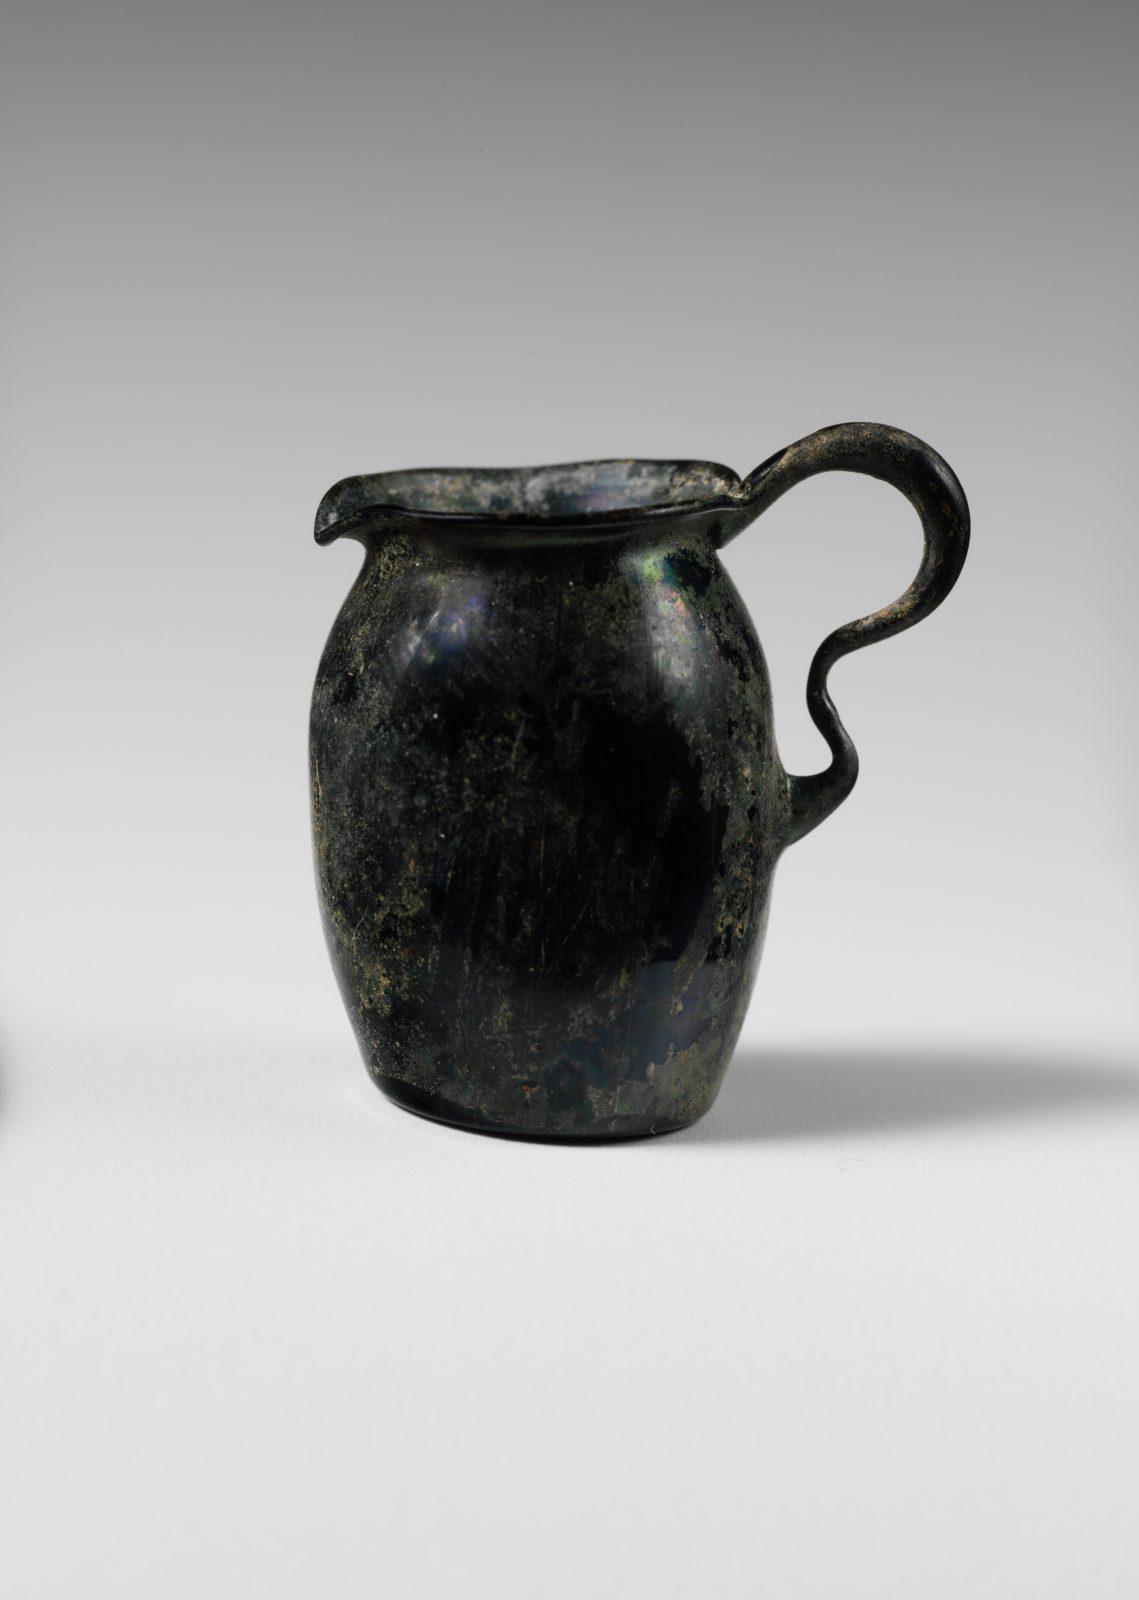 Glass miniature one-handled jug